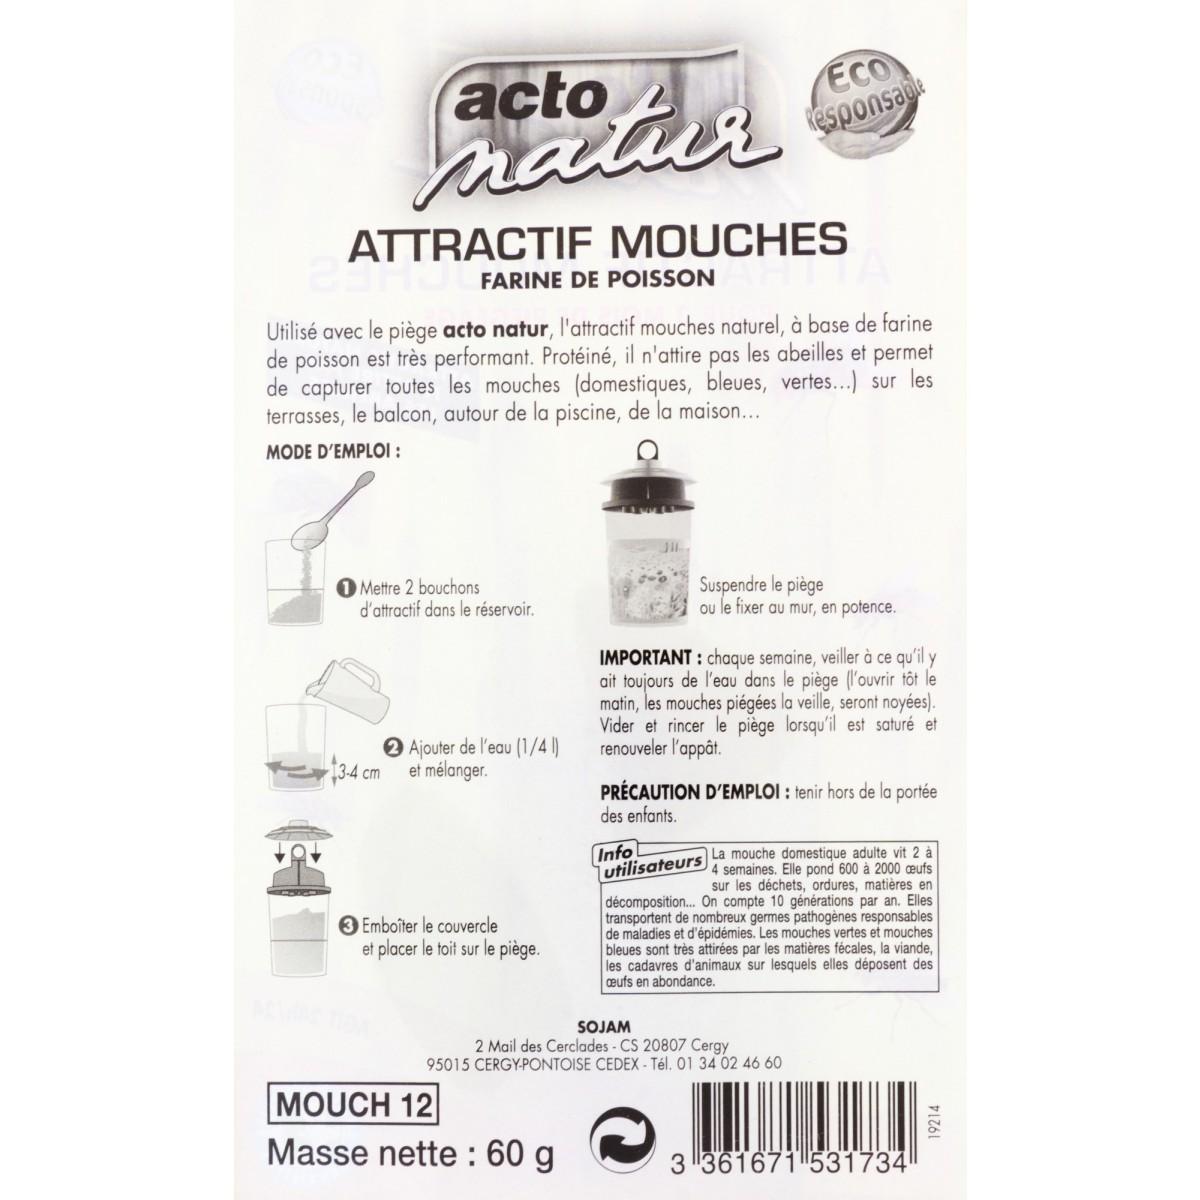 Attractif mouches pour piège Acto Natur - Flacon 60 g